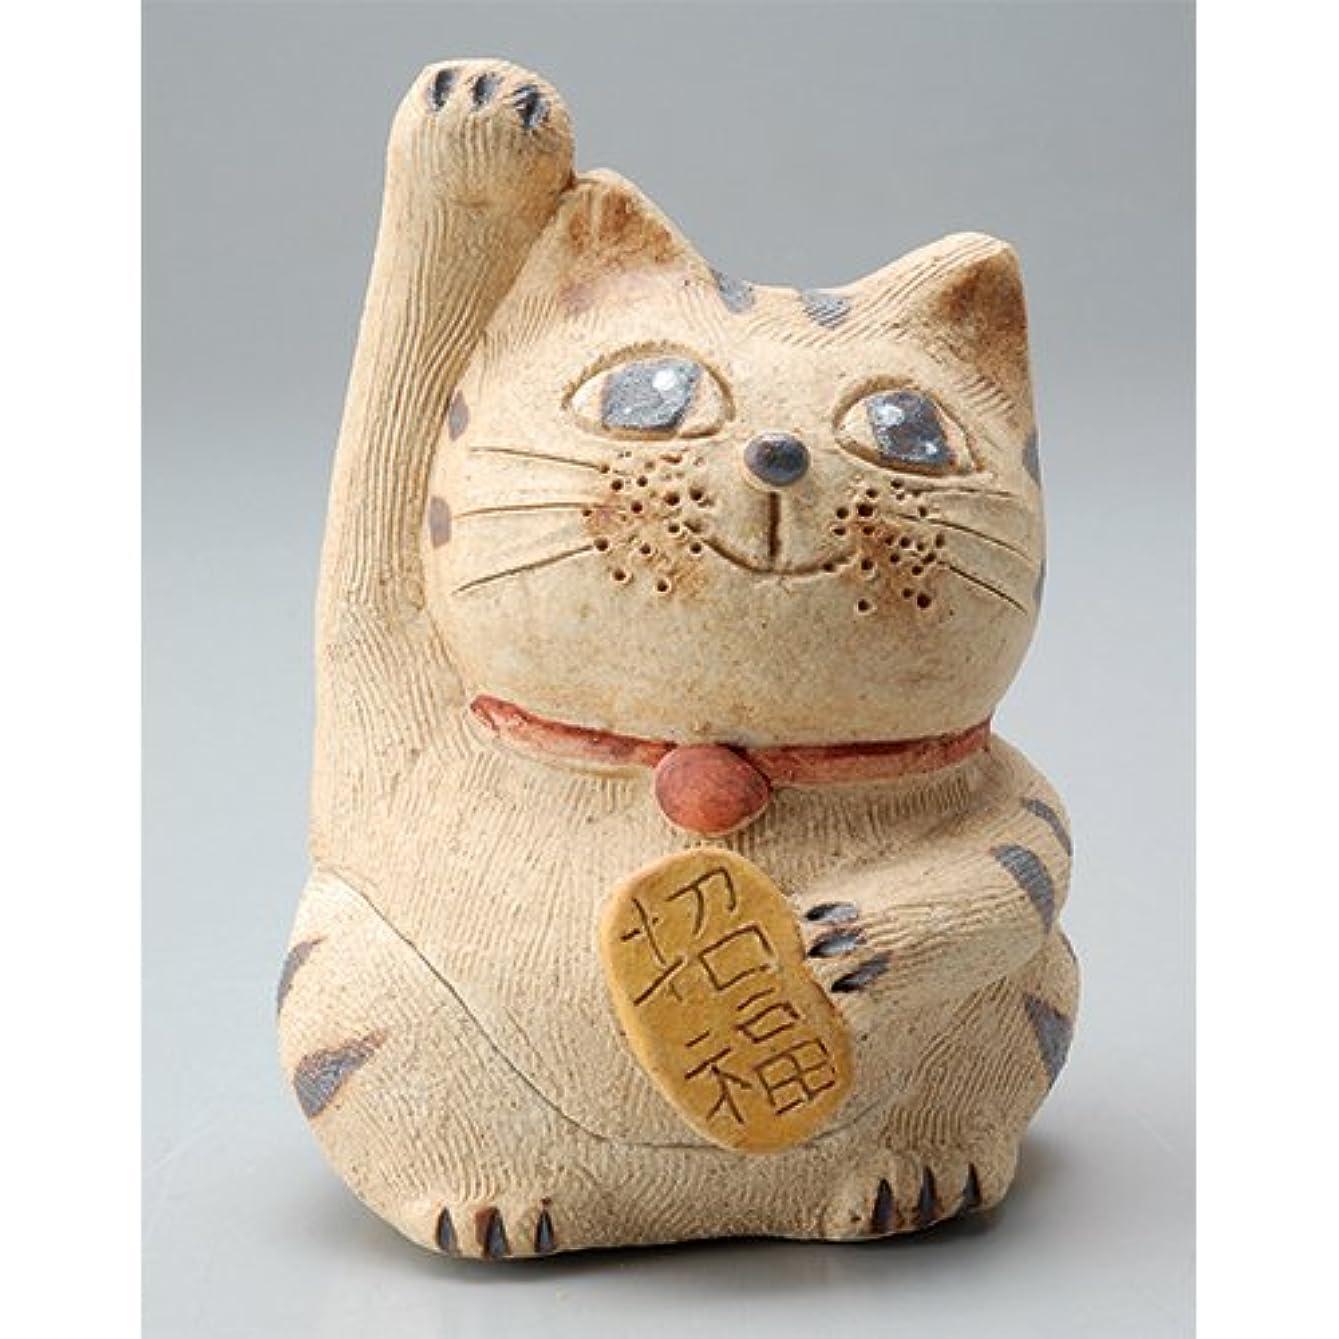 メーカー実行するロンドン香炉 円な瞳招き猫(お金招き)香炉(小) [H8.5cm] HANDMADE プレゼント ギフト 和食器 かわいい インテリア